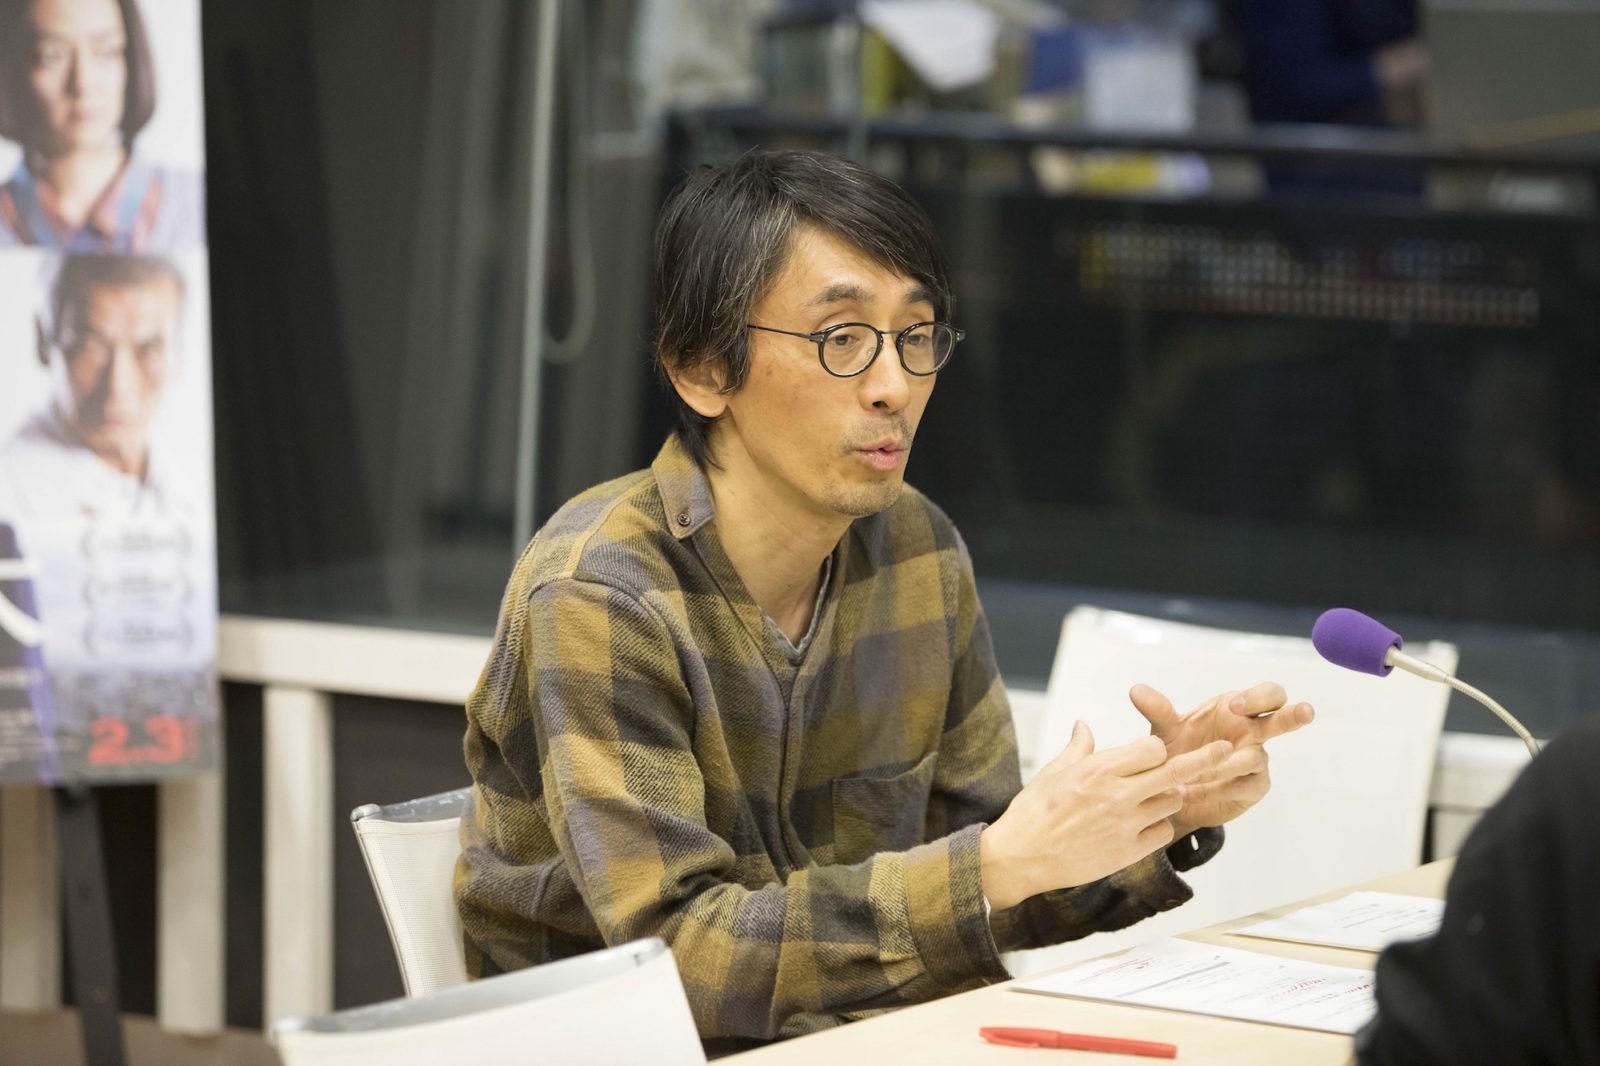 関ジャニ∞・錦戸亮、ラジオ番組で初ソロメインパーソナリティを務める「普段通りにやりすぎました」サムネイル画像